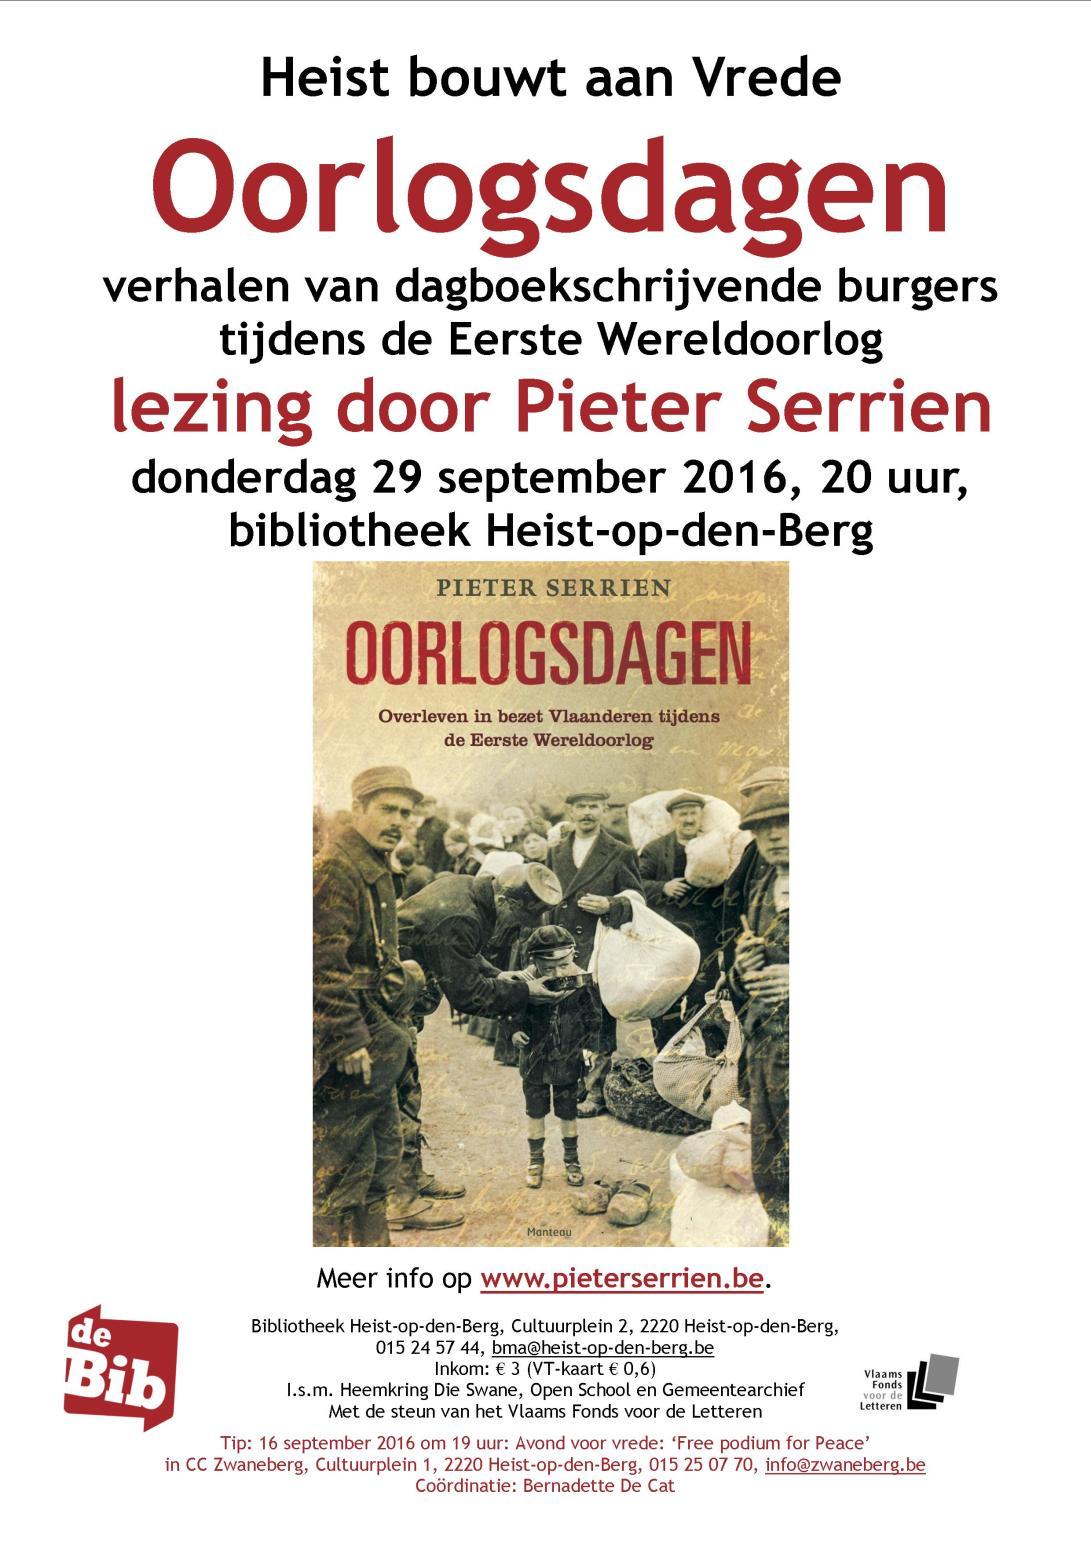 heist-bouwt-aan-vrede-2016-pieter-serrien-oorlogsdagen-affiche